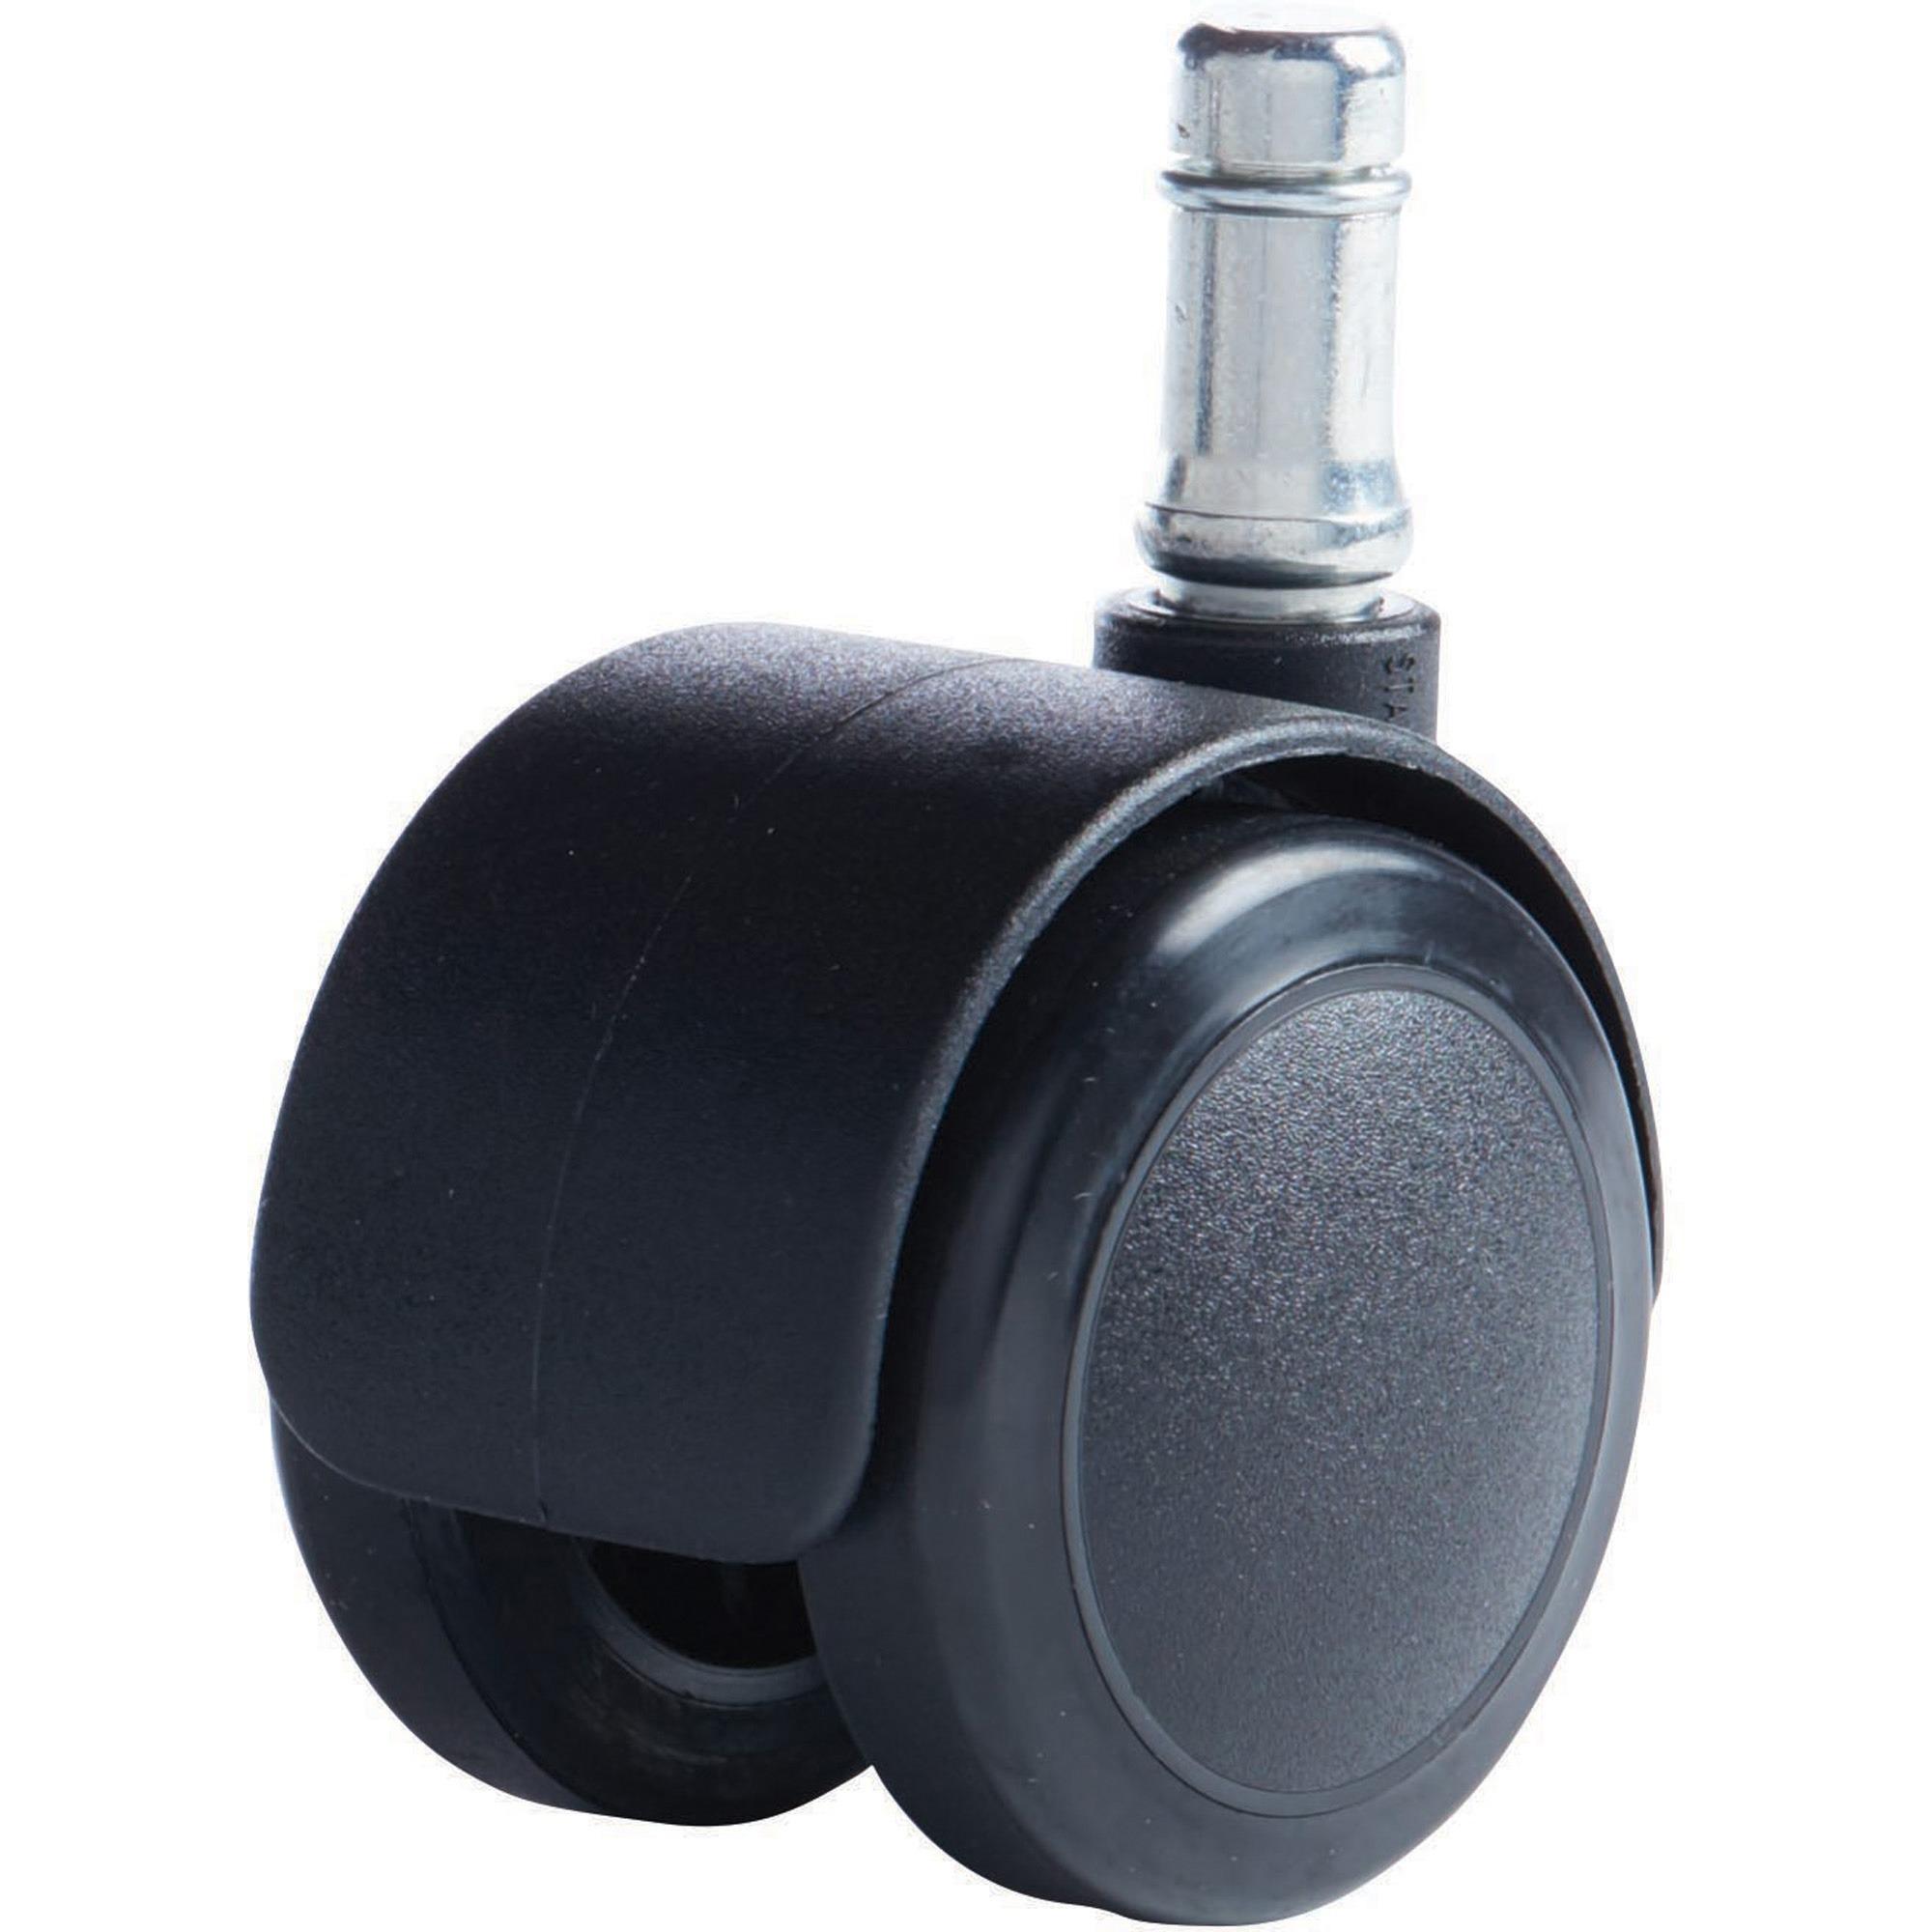 2sblnwa 2 Satellite Ball Metal Wheel Grip Neck Stem 2 Furniture